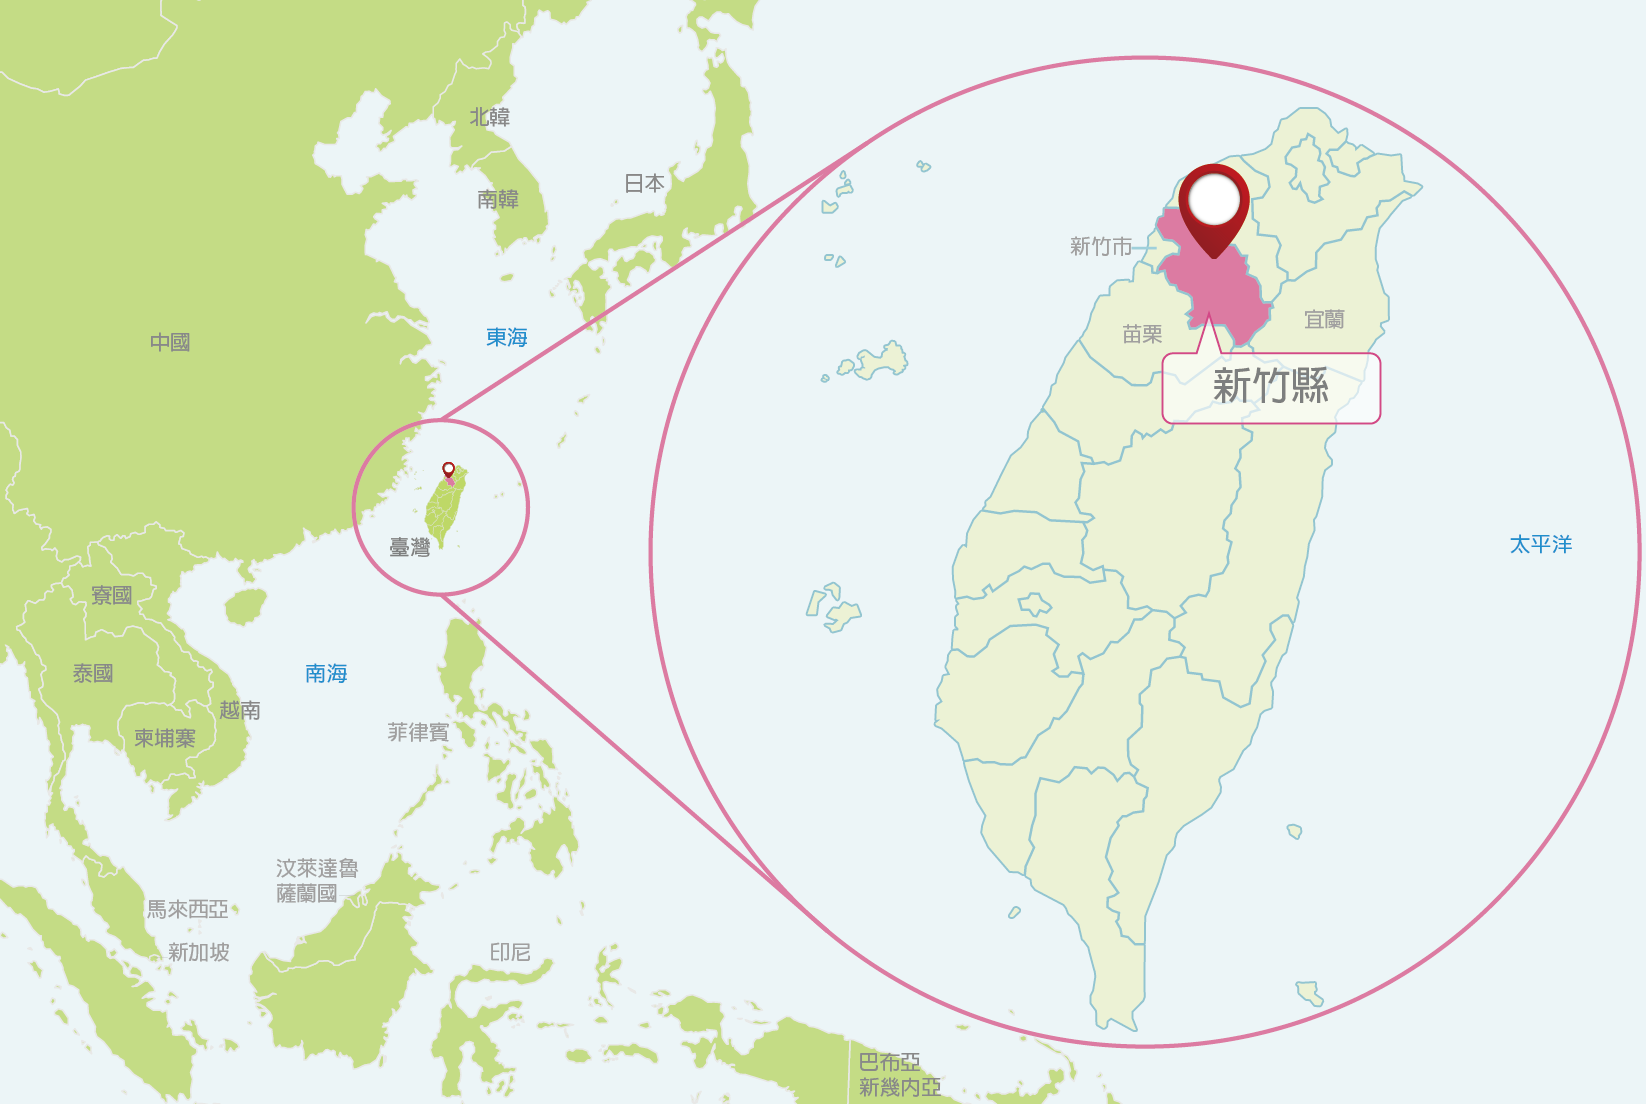 竹縣在全球-新竹縣地圖